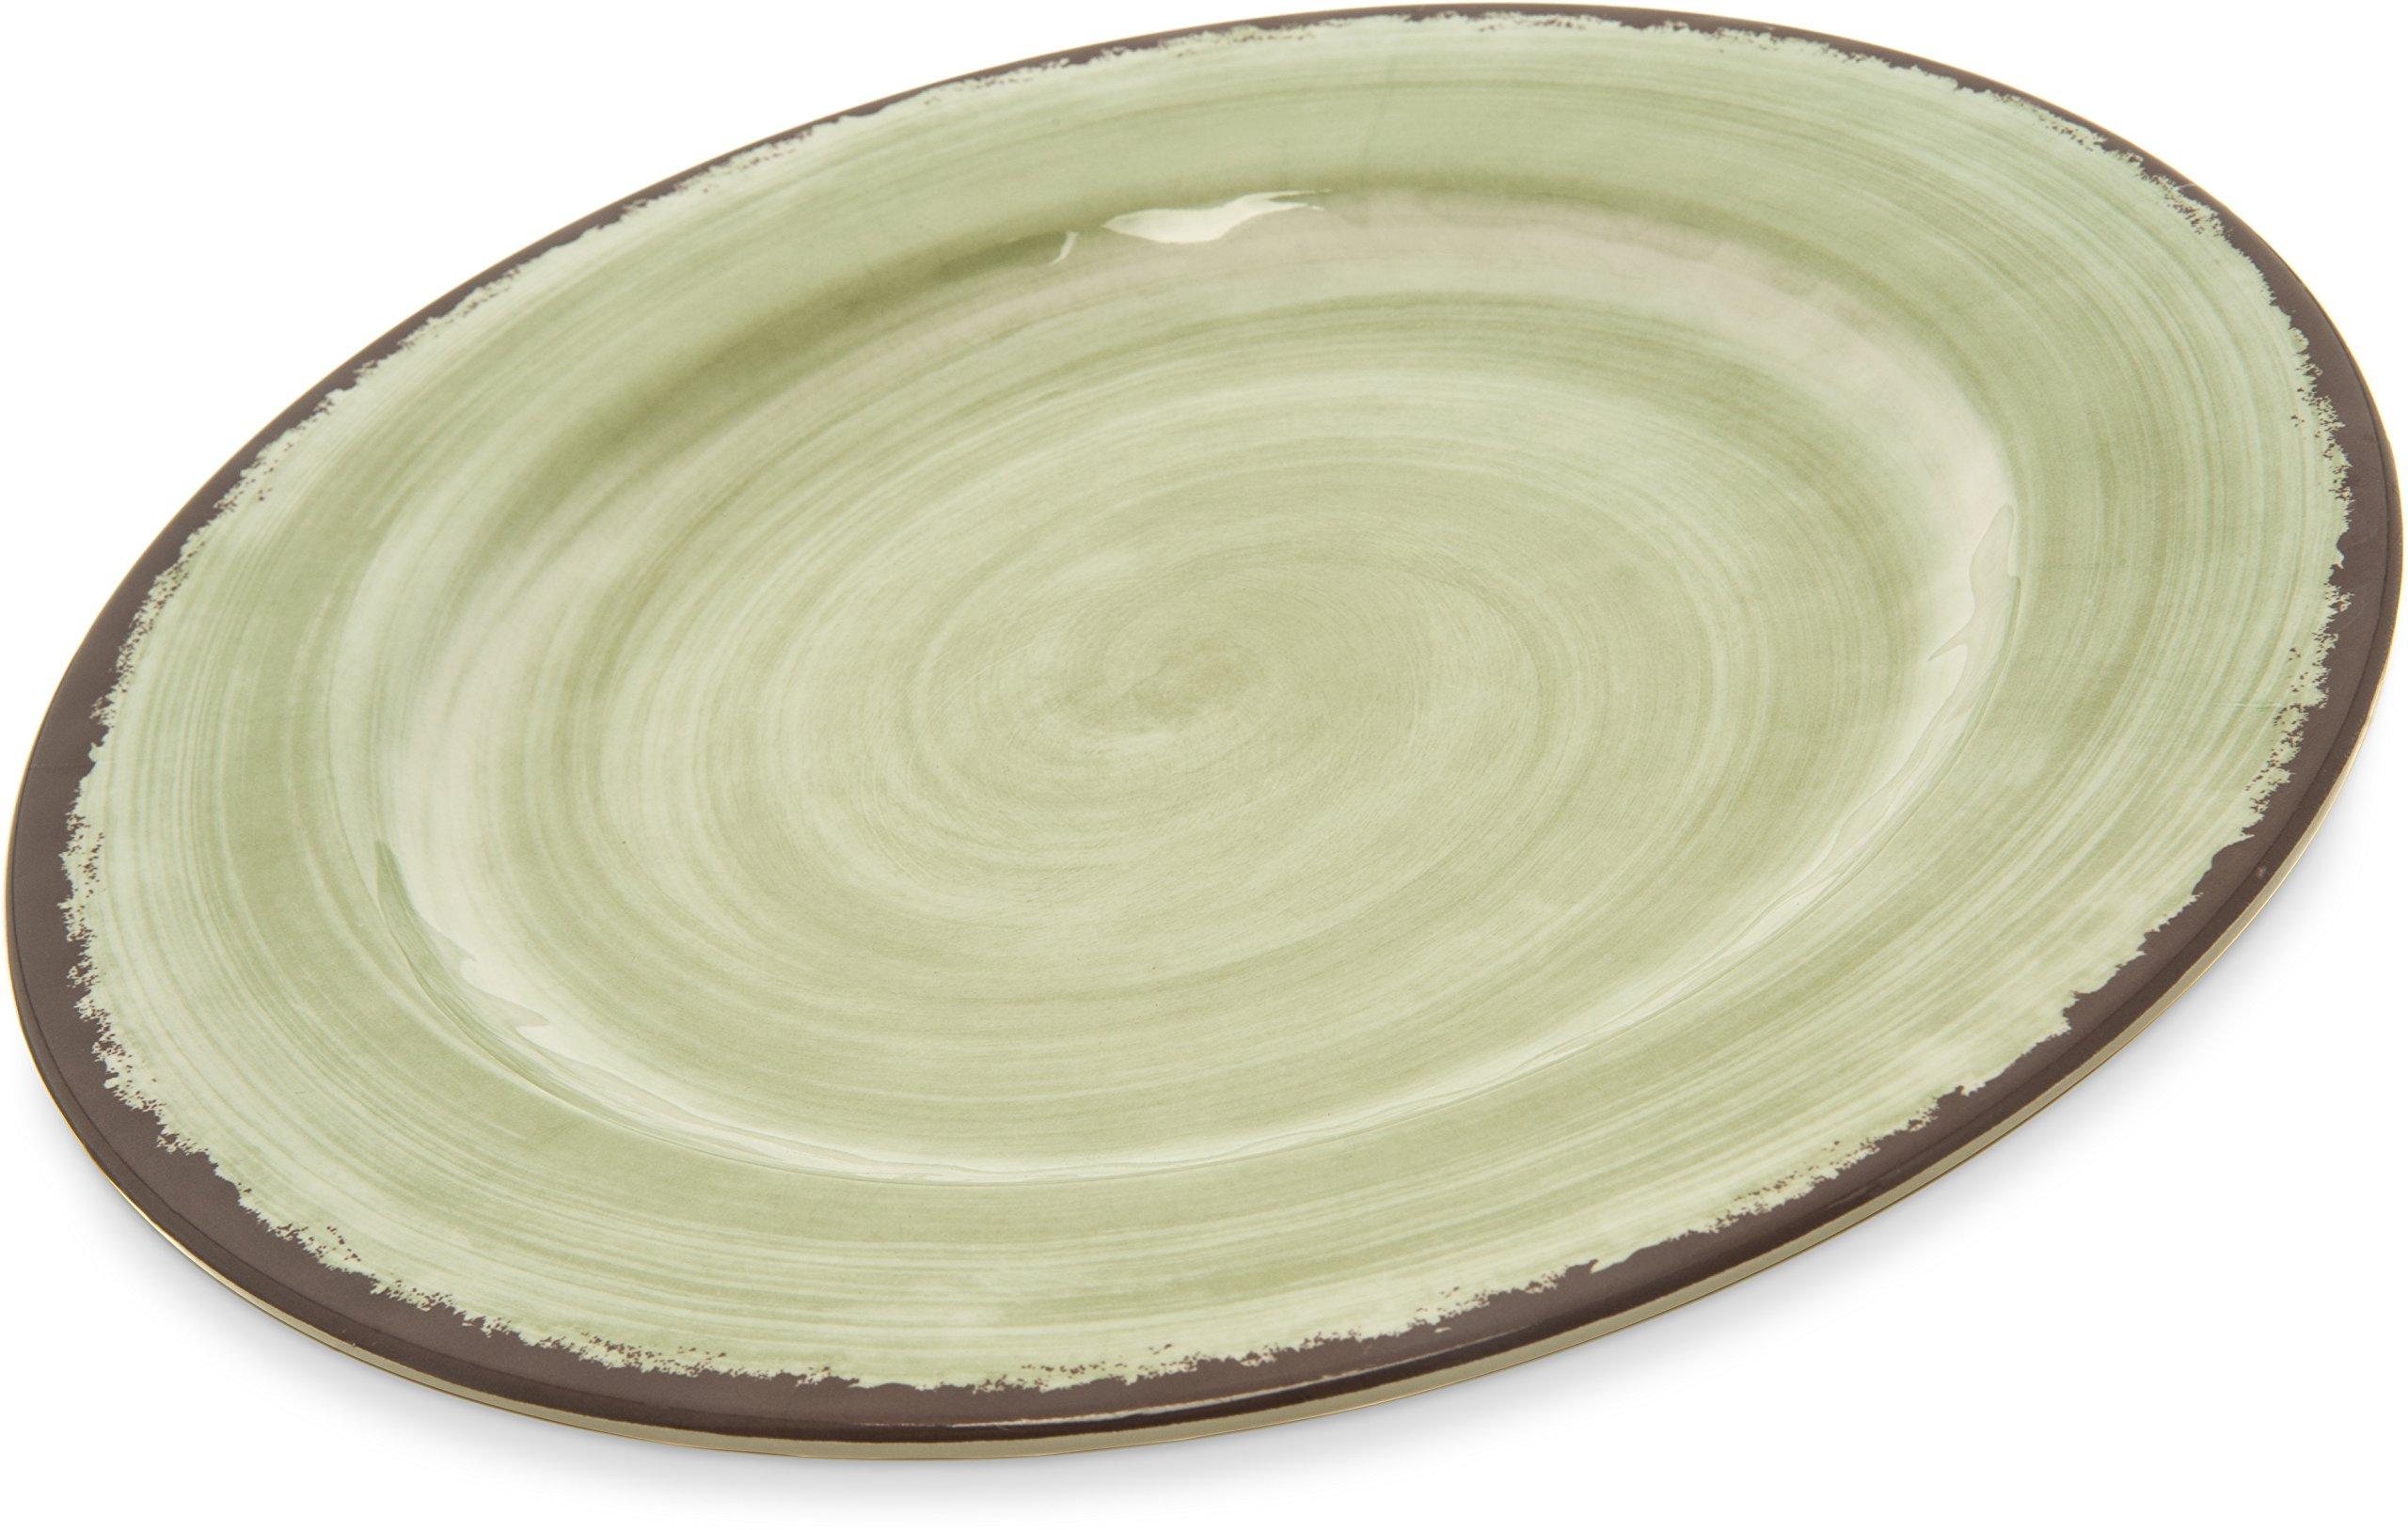 Carlisle 5400146 Mingle Melamine Dinner Plate, 11'', Jade (Set of 12)